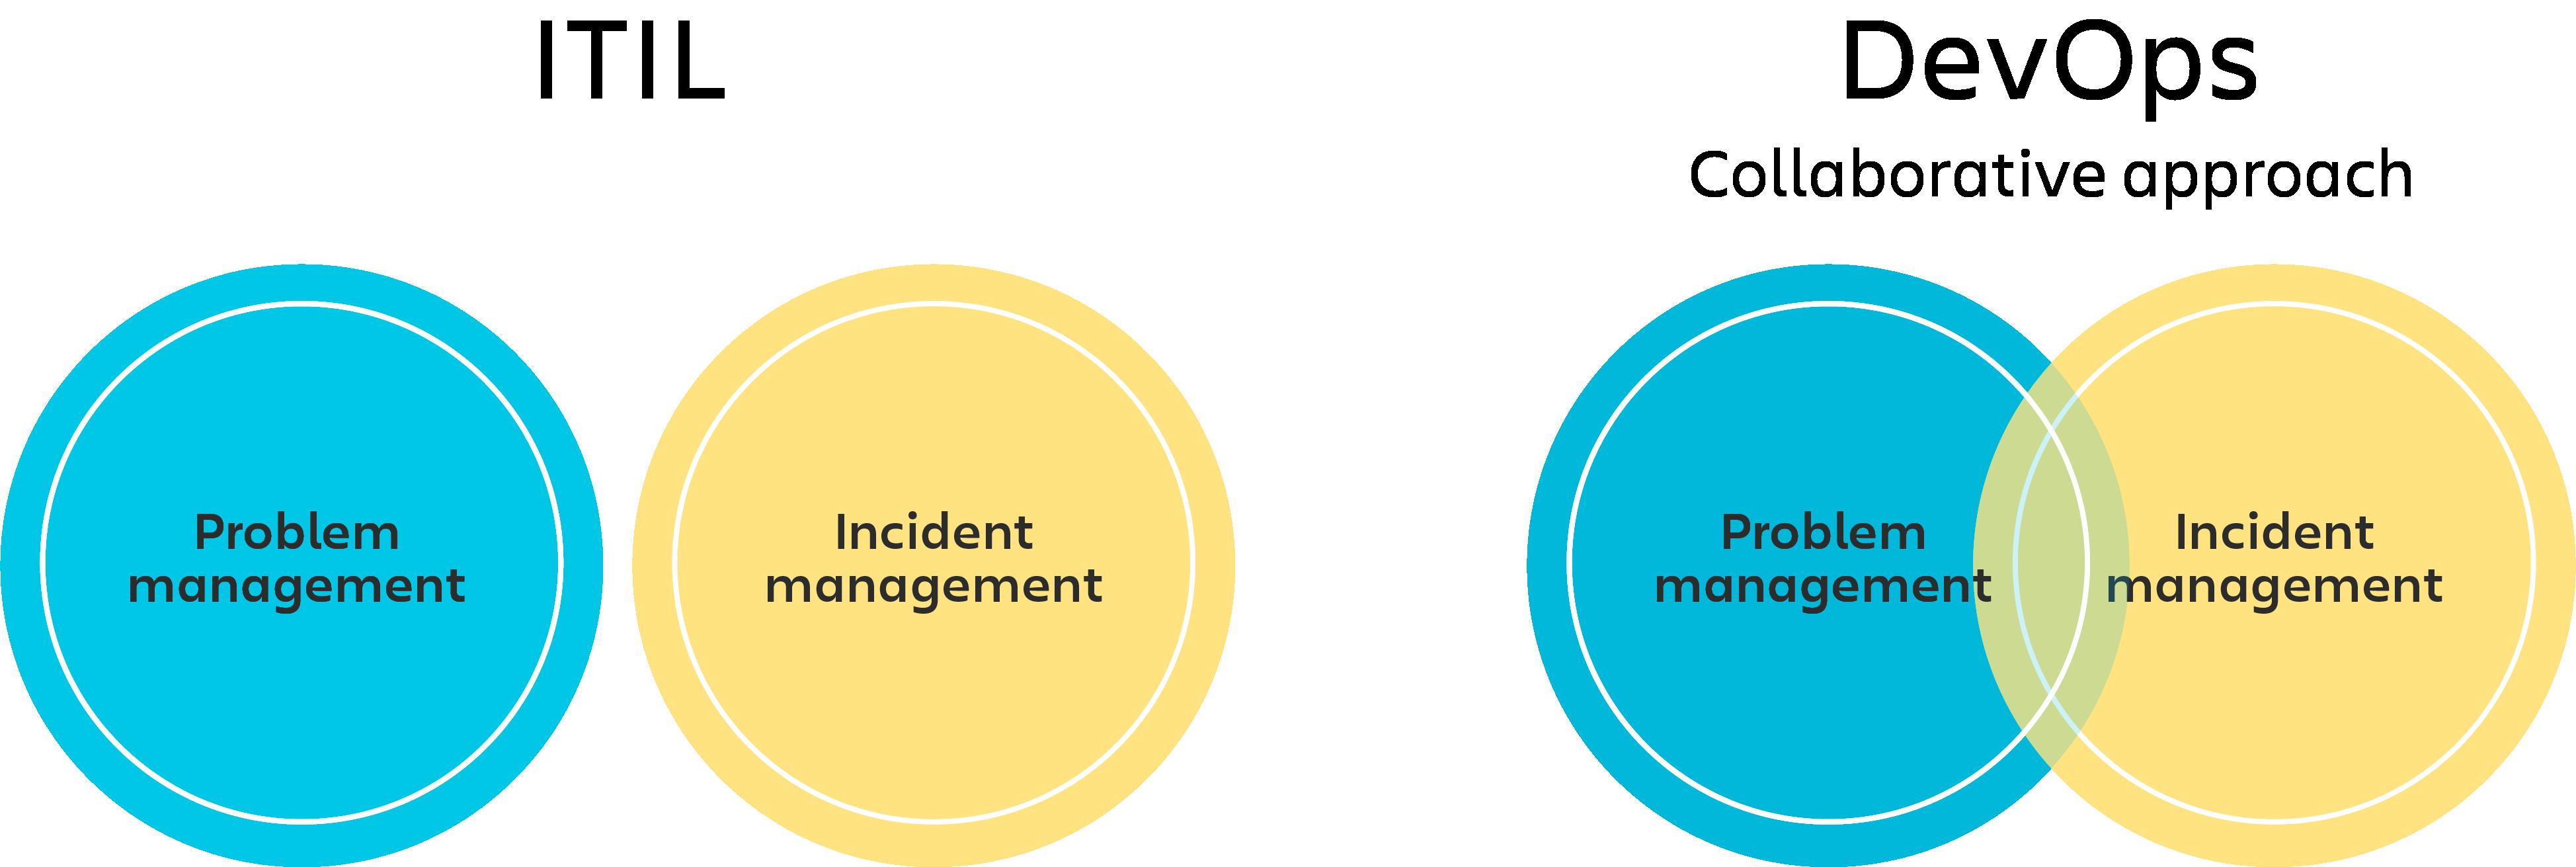 Изображение ITIL с отдельными кругами для управления проблемами и инцидентами и изображение DevOps с диаграммой Венна для управления проблемами и инцидентами